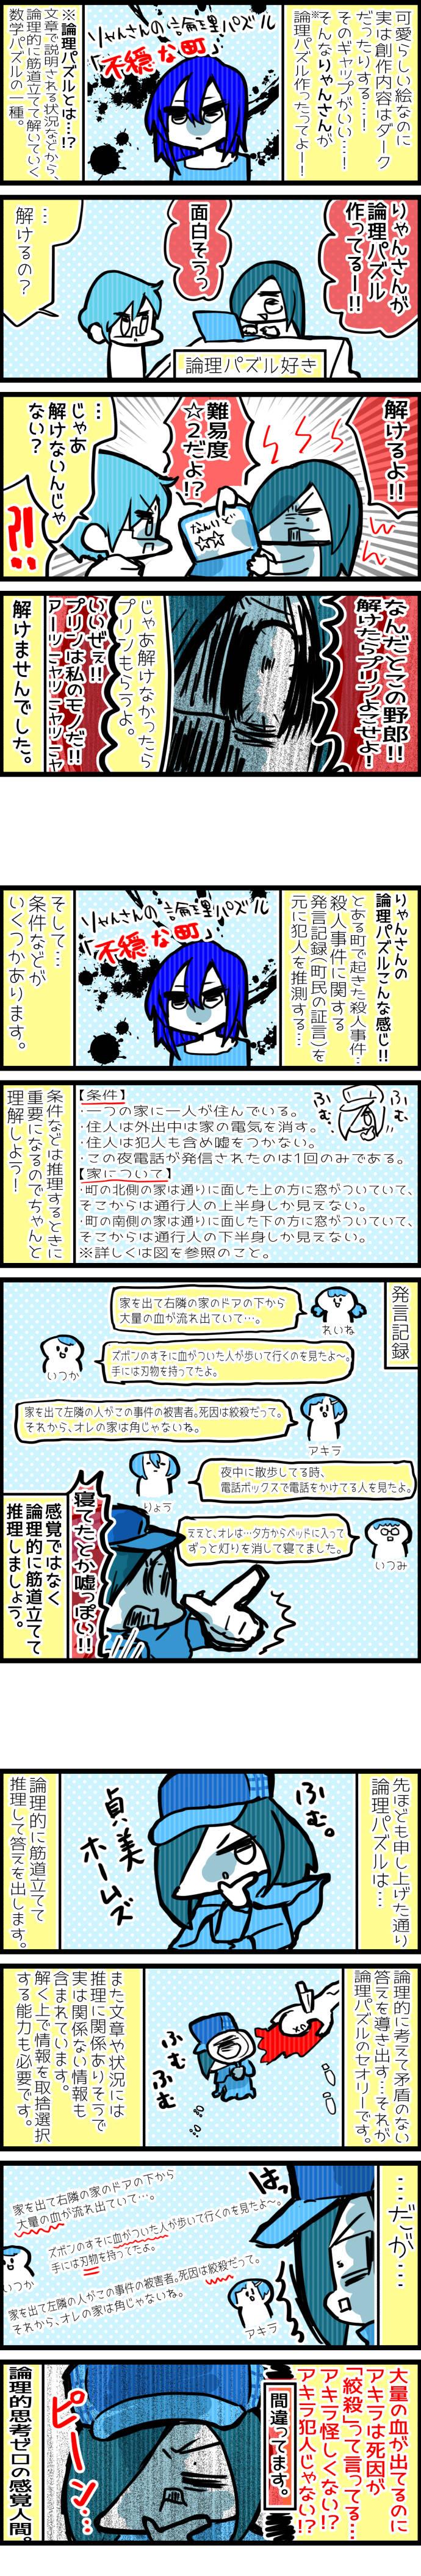 neetsadami.com_20話